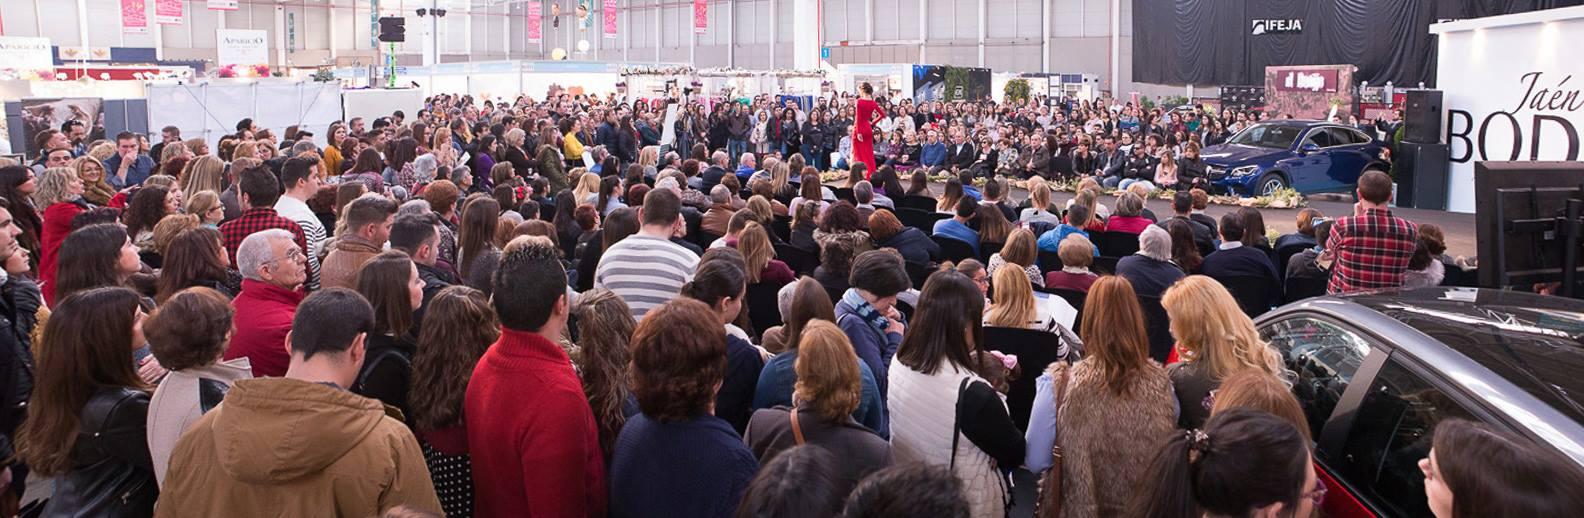 Jaén de Boda aglutinó en IFEJA  las mejores propuestas para conseguir el mejor evento